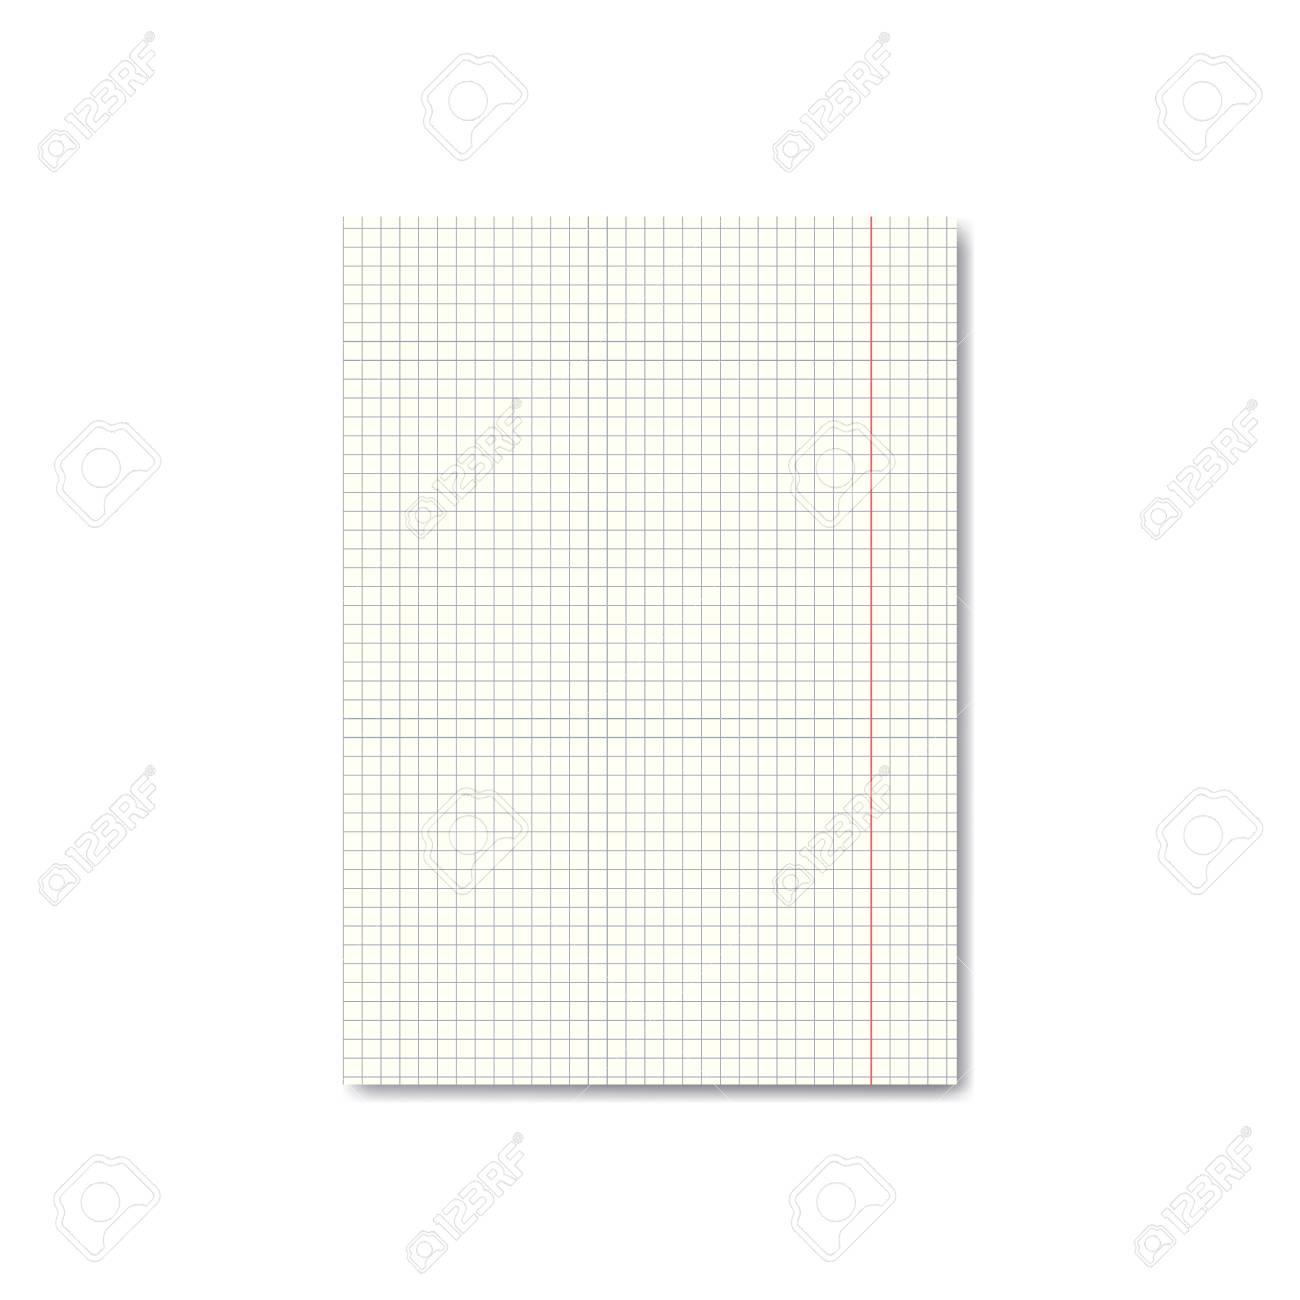 Vector Realistische Quadrille Oder Millimeterpapierblatt Mit Rändern ...